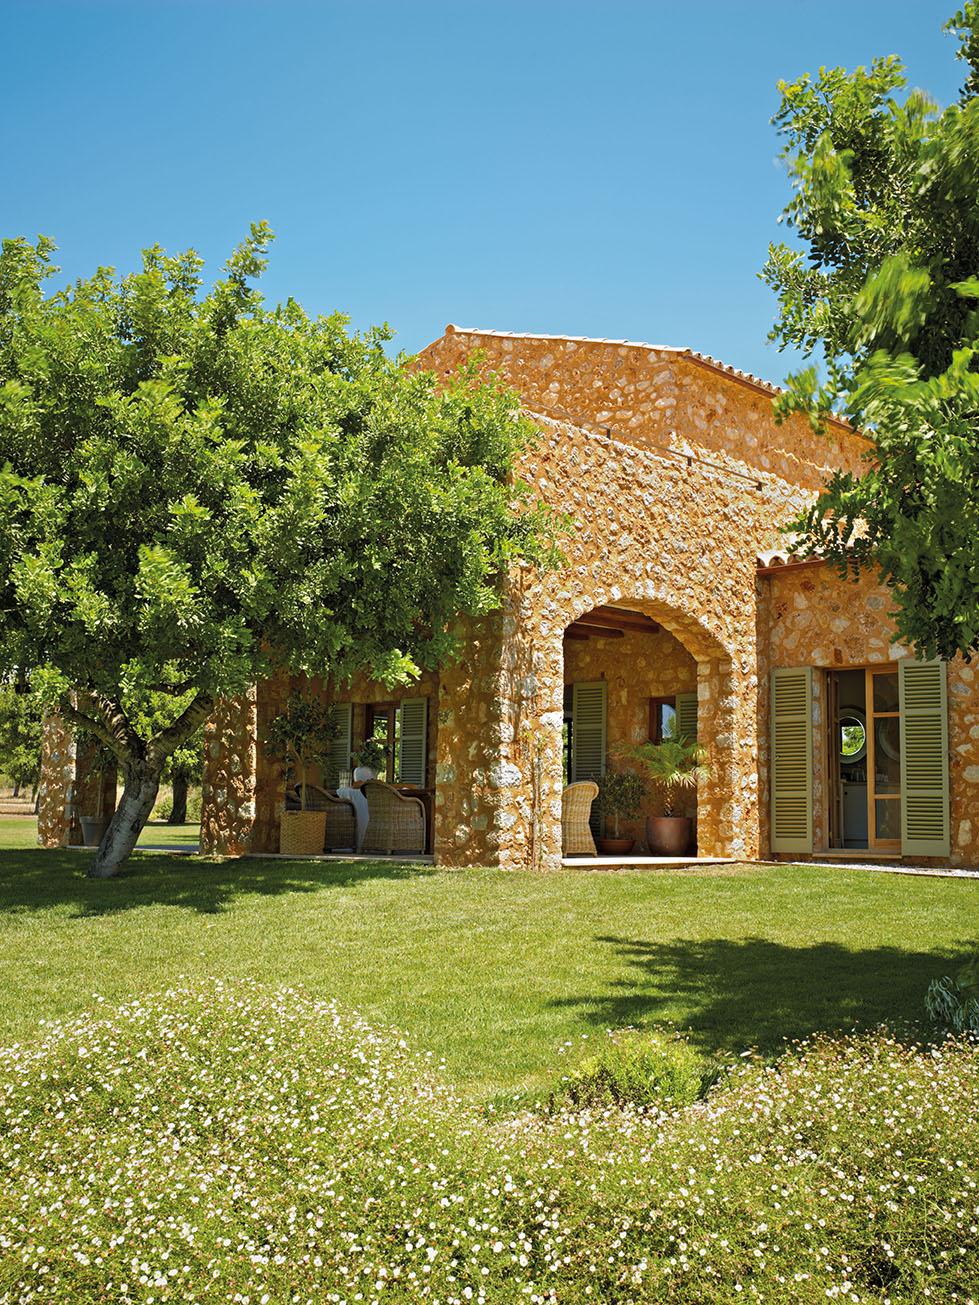 00323764. Fachada de la casa de piedras y porche con butacas de fibras junto al jardín_00323764